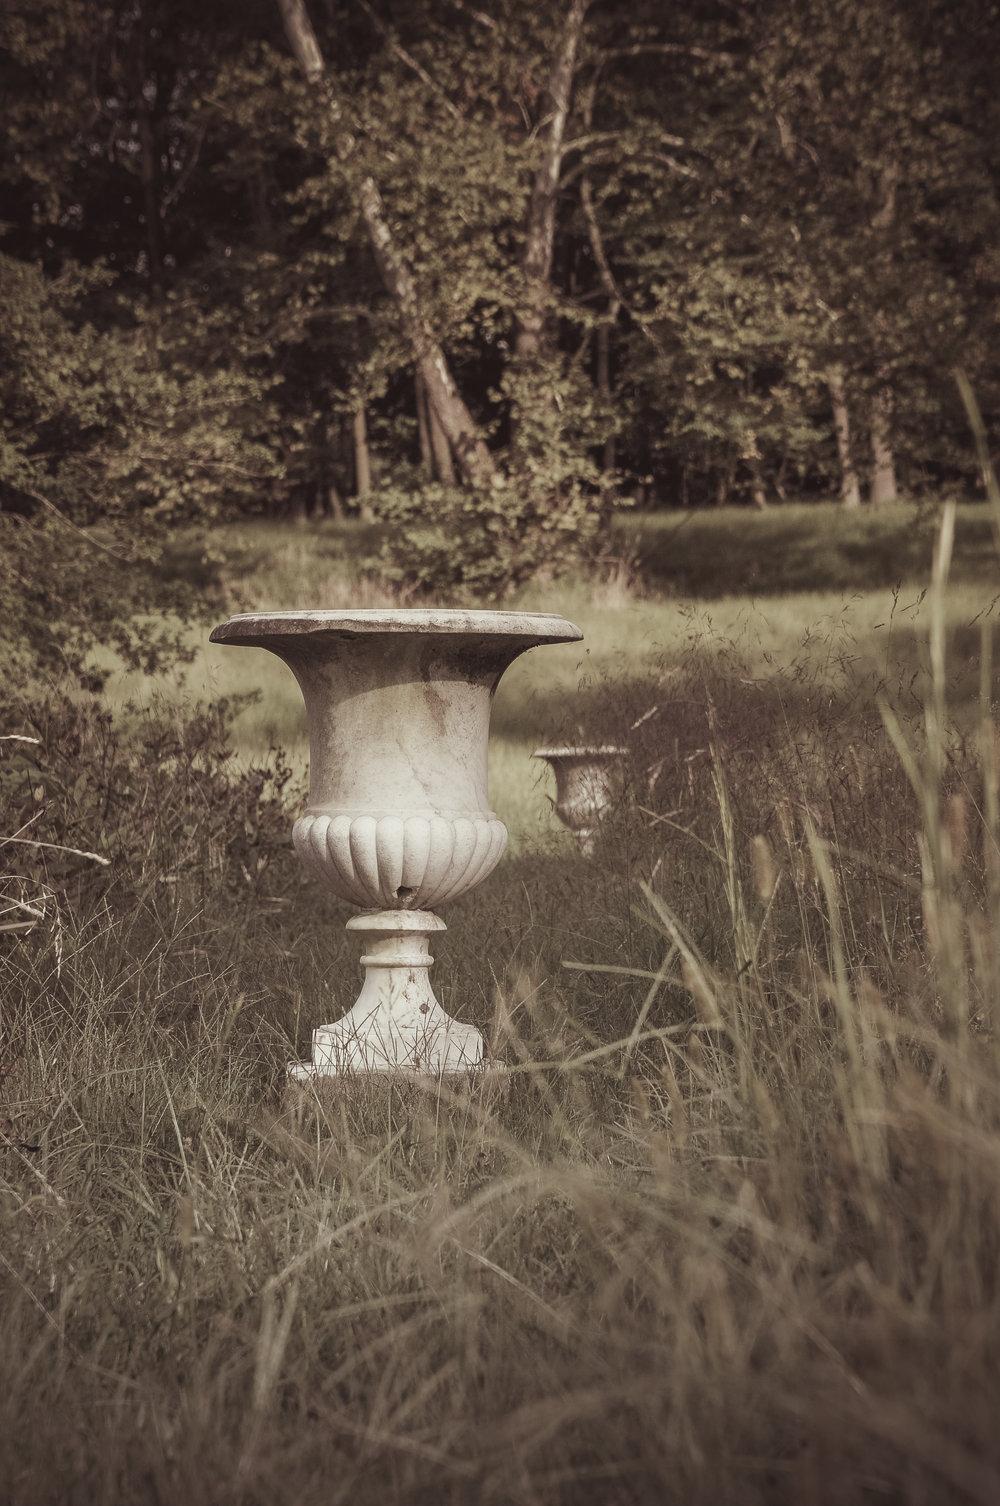 Slaveholder's Marble Garden Urns Photo: Rose Anderson, September 2018